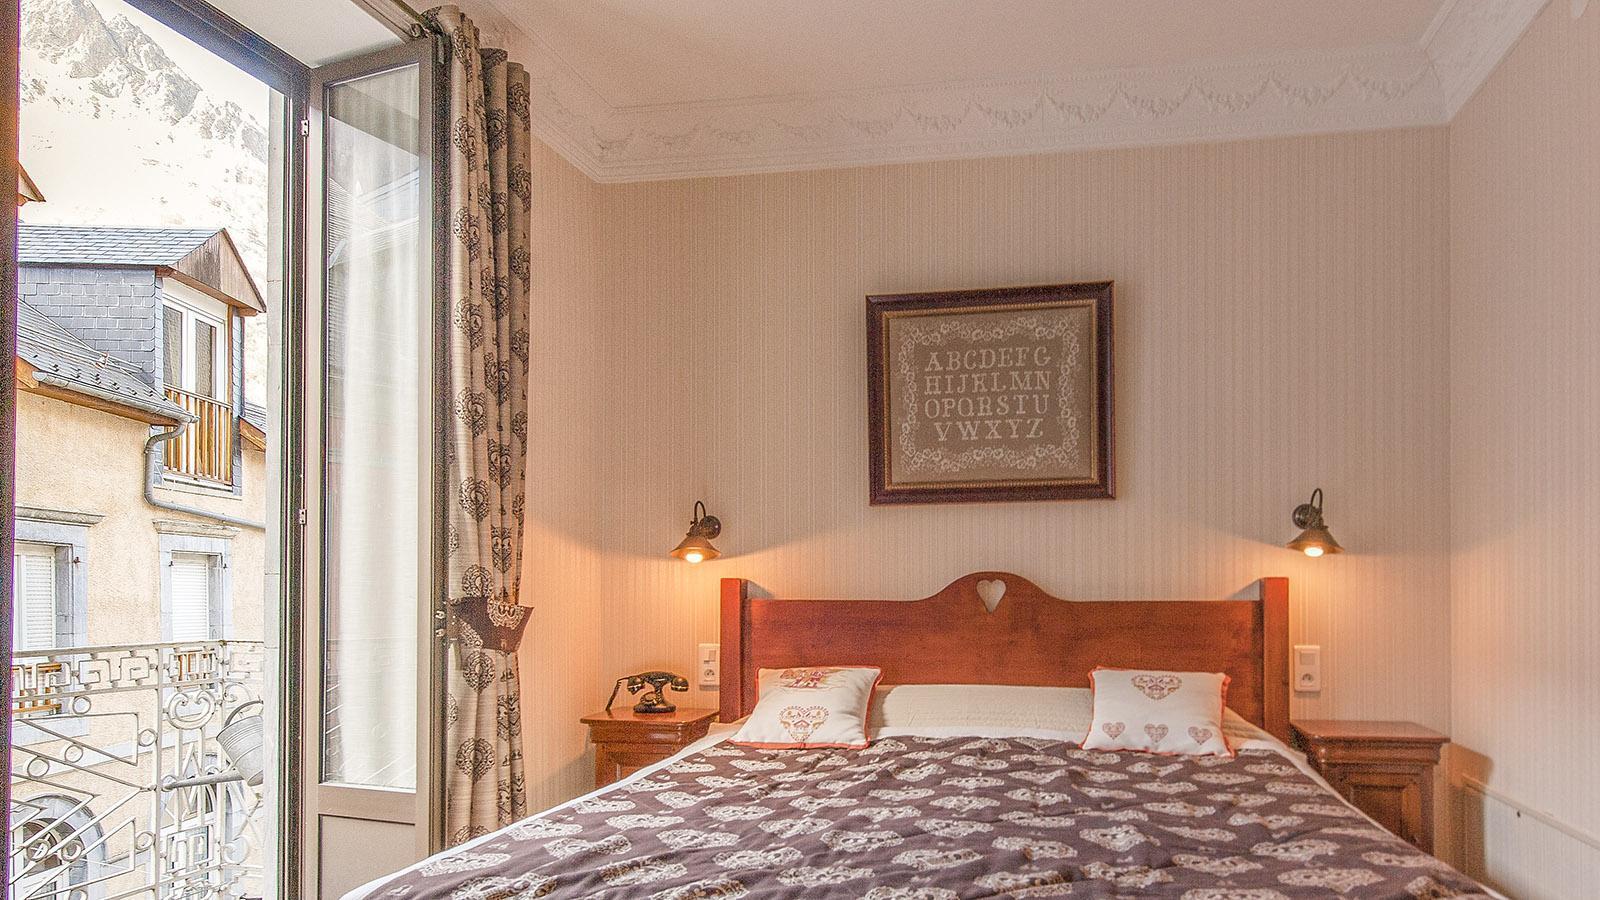 CauteretsCauterets: Gästezimmer des Hôtel Le Lion d'Or. Foto: Hilke Maunder